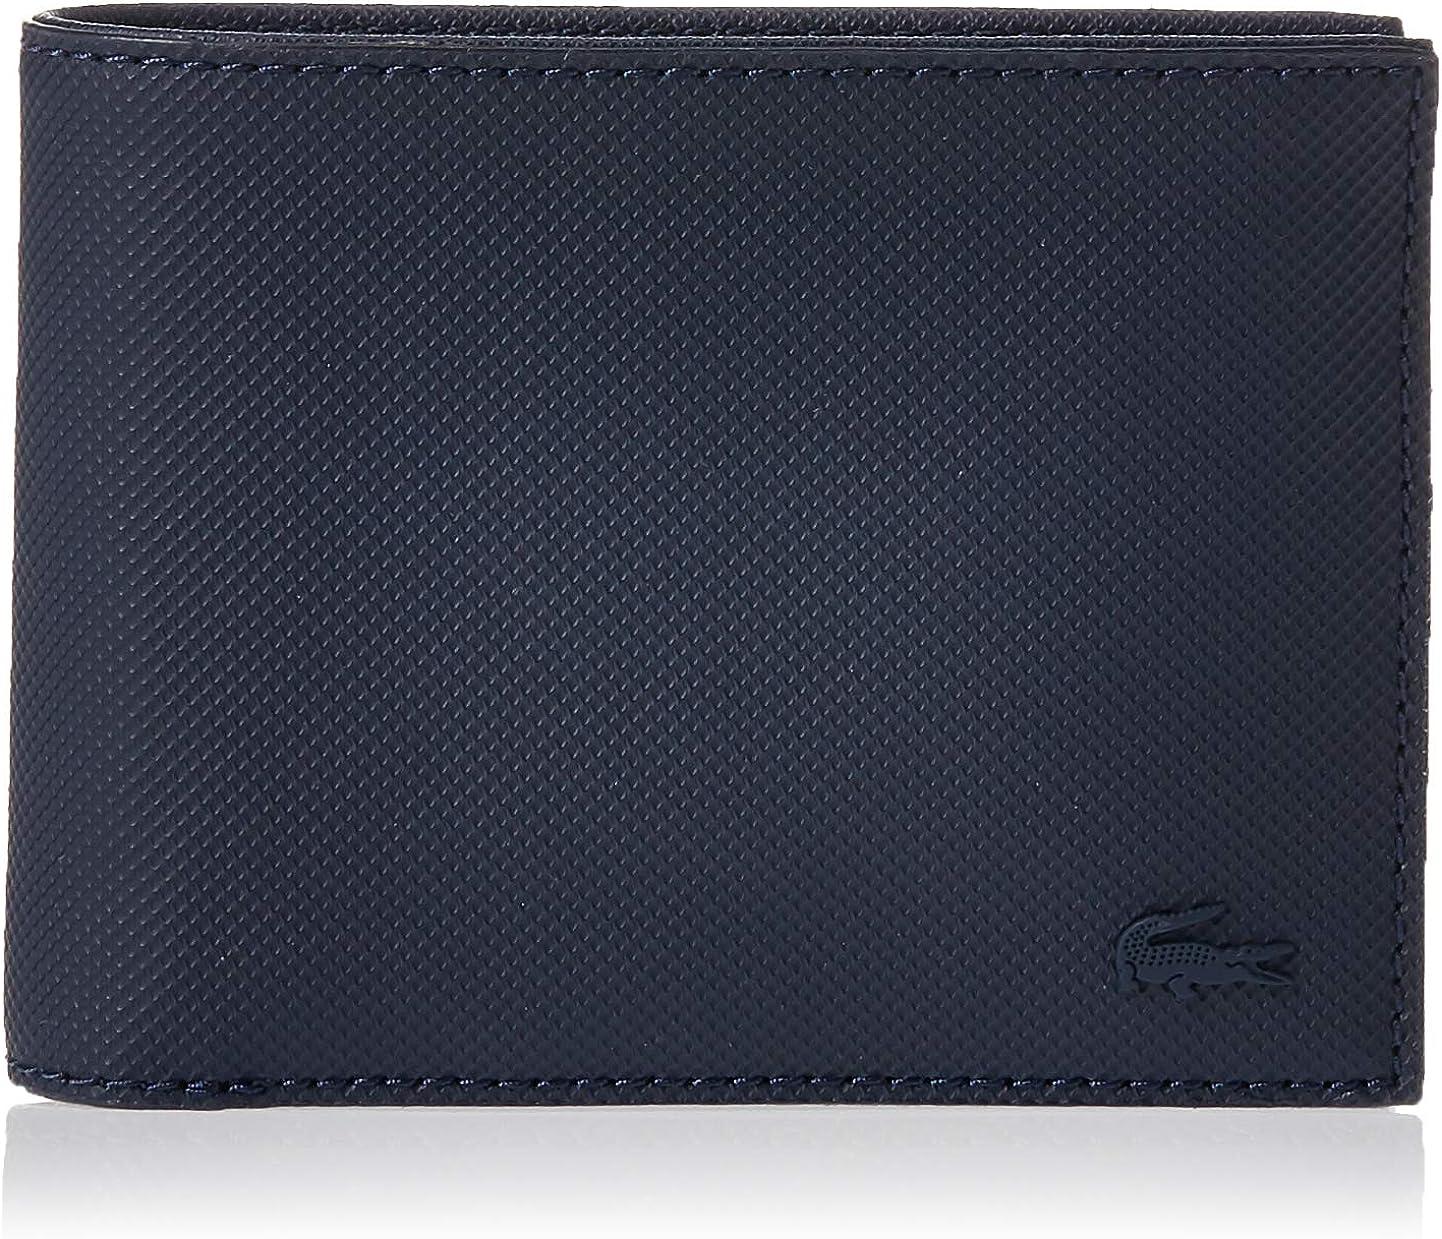 Lacoste Men's Billfold Wallet, Blue